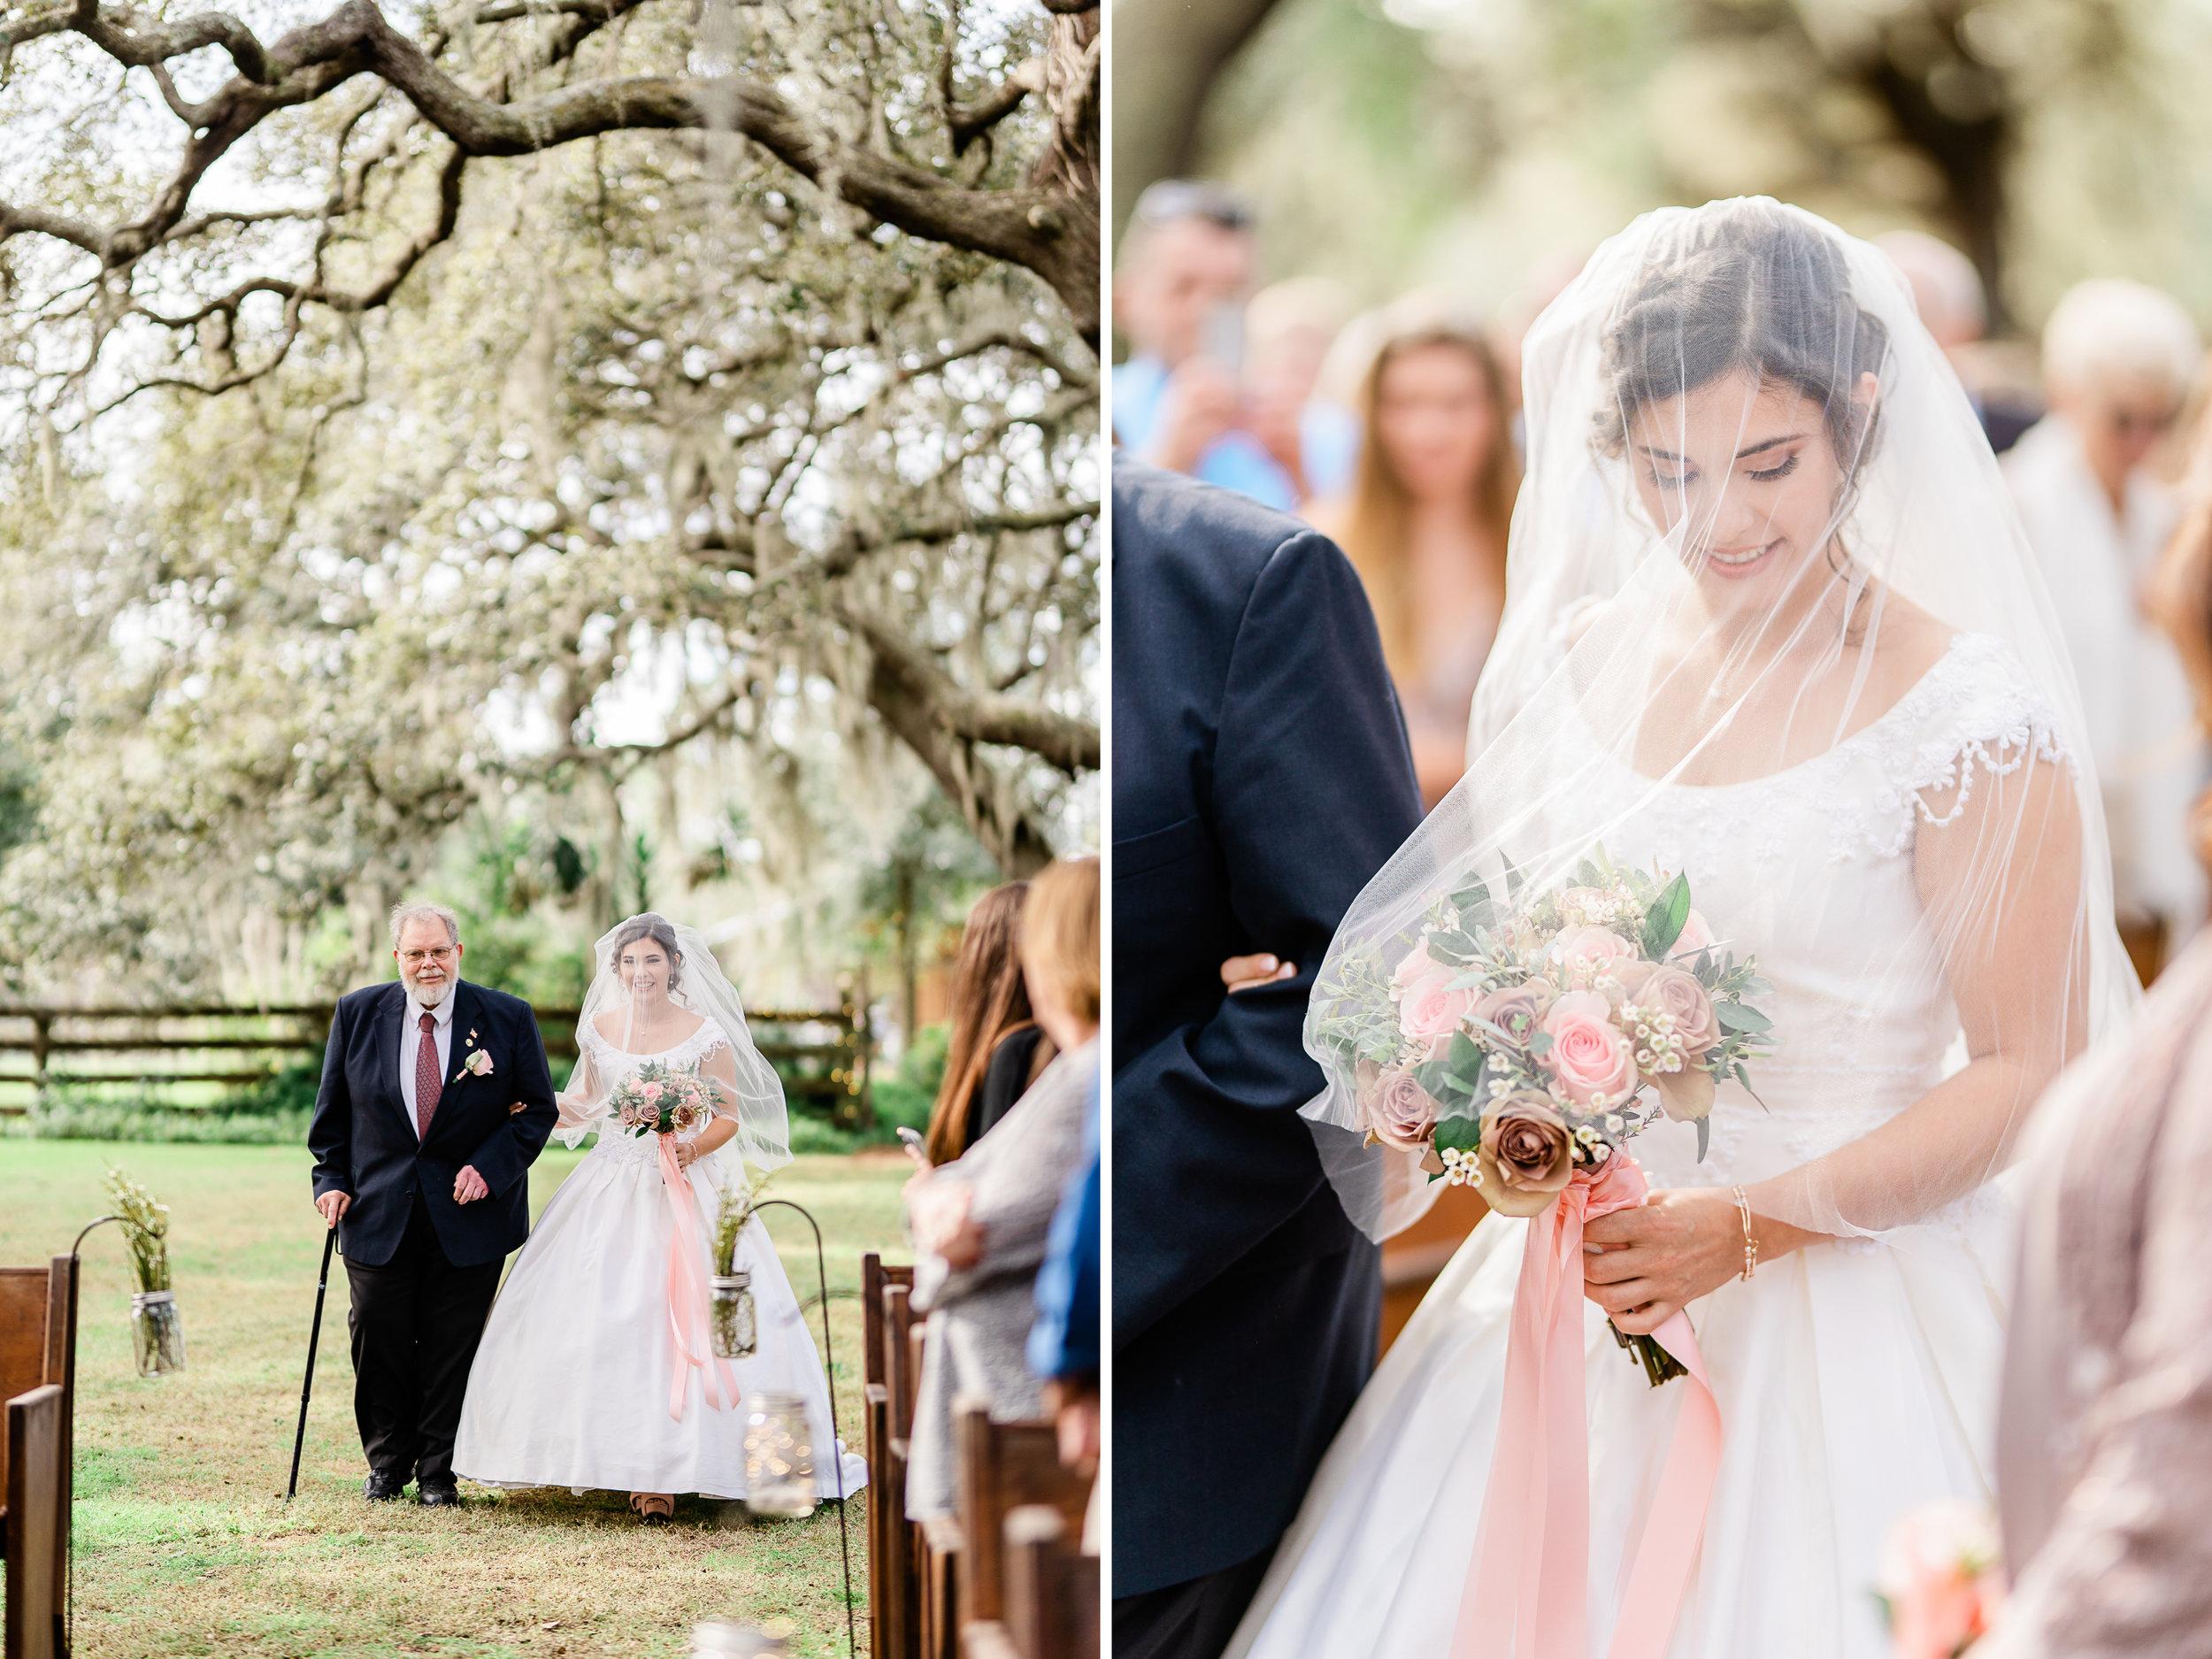 Isola Farms Wedding-17.jpg